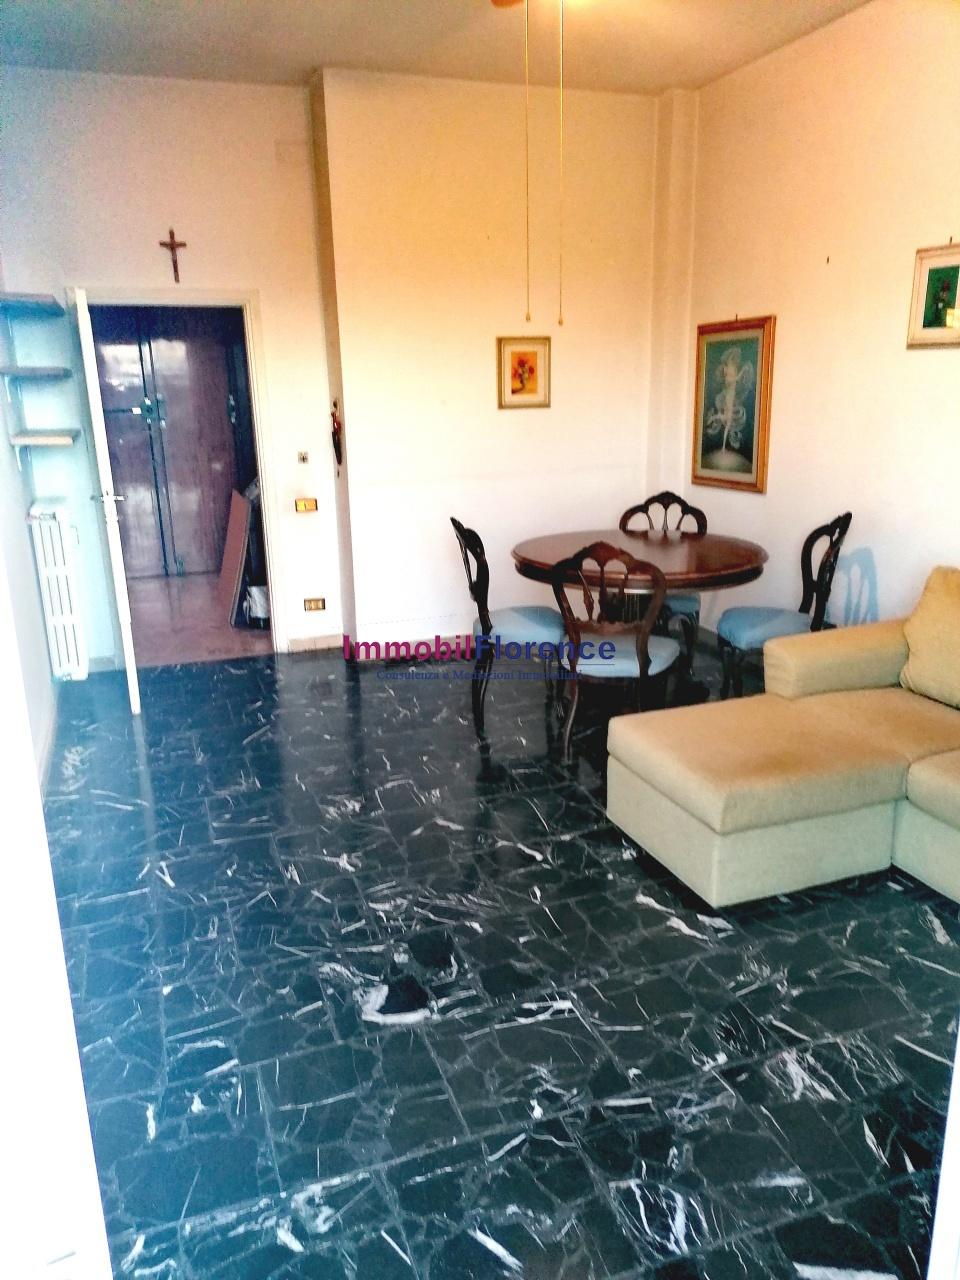 APPARTAMENTO VENDITA Firenze (zona Porta A Prato / San Iacopino / Statuto / Fortezza)